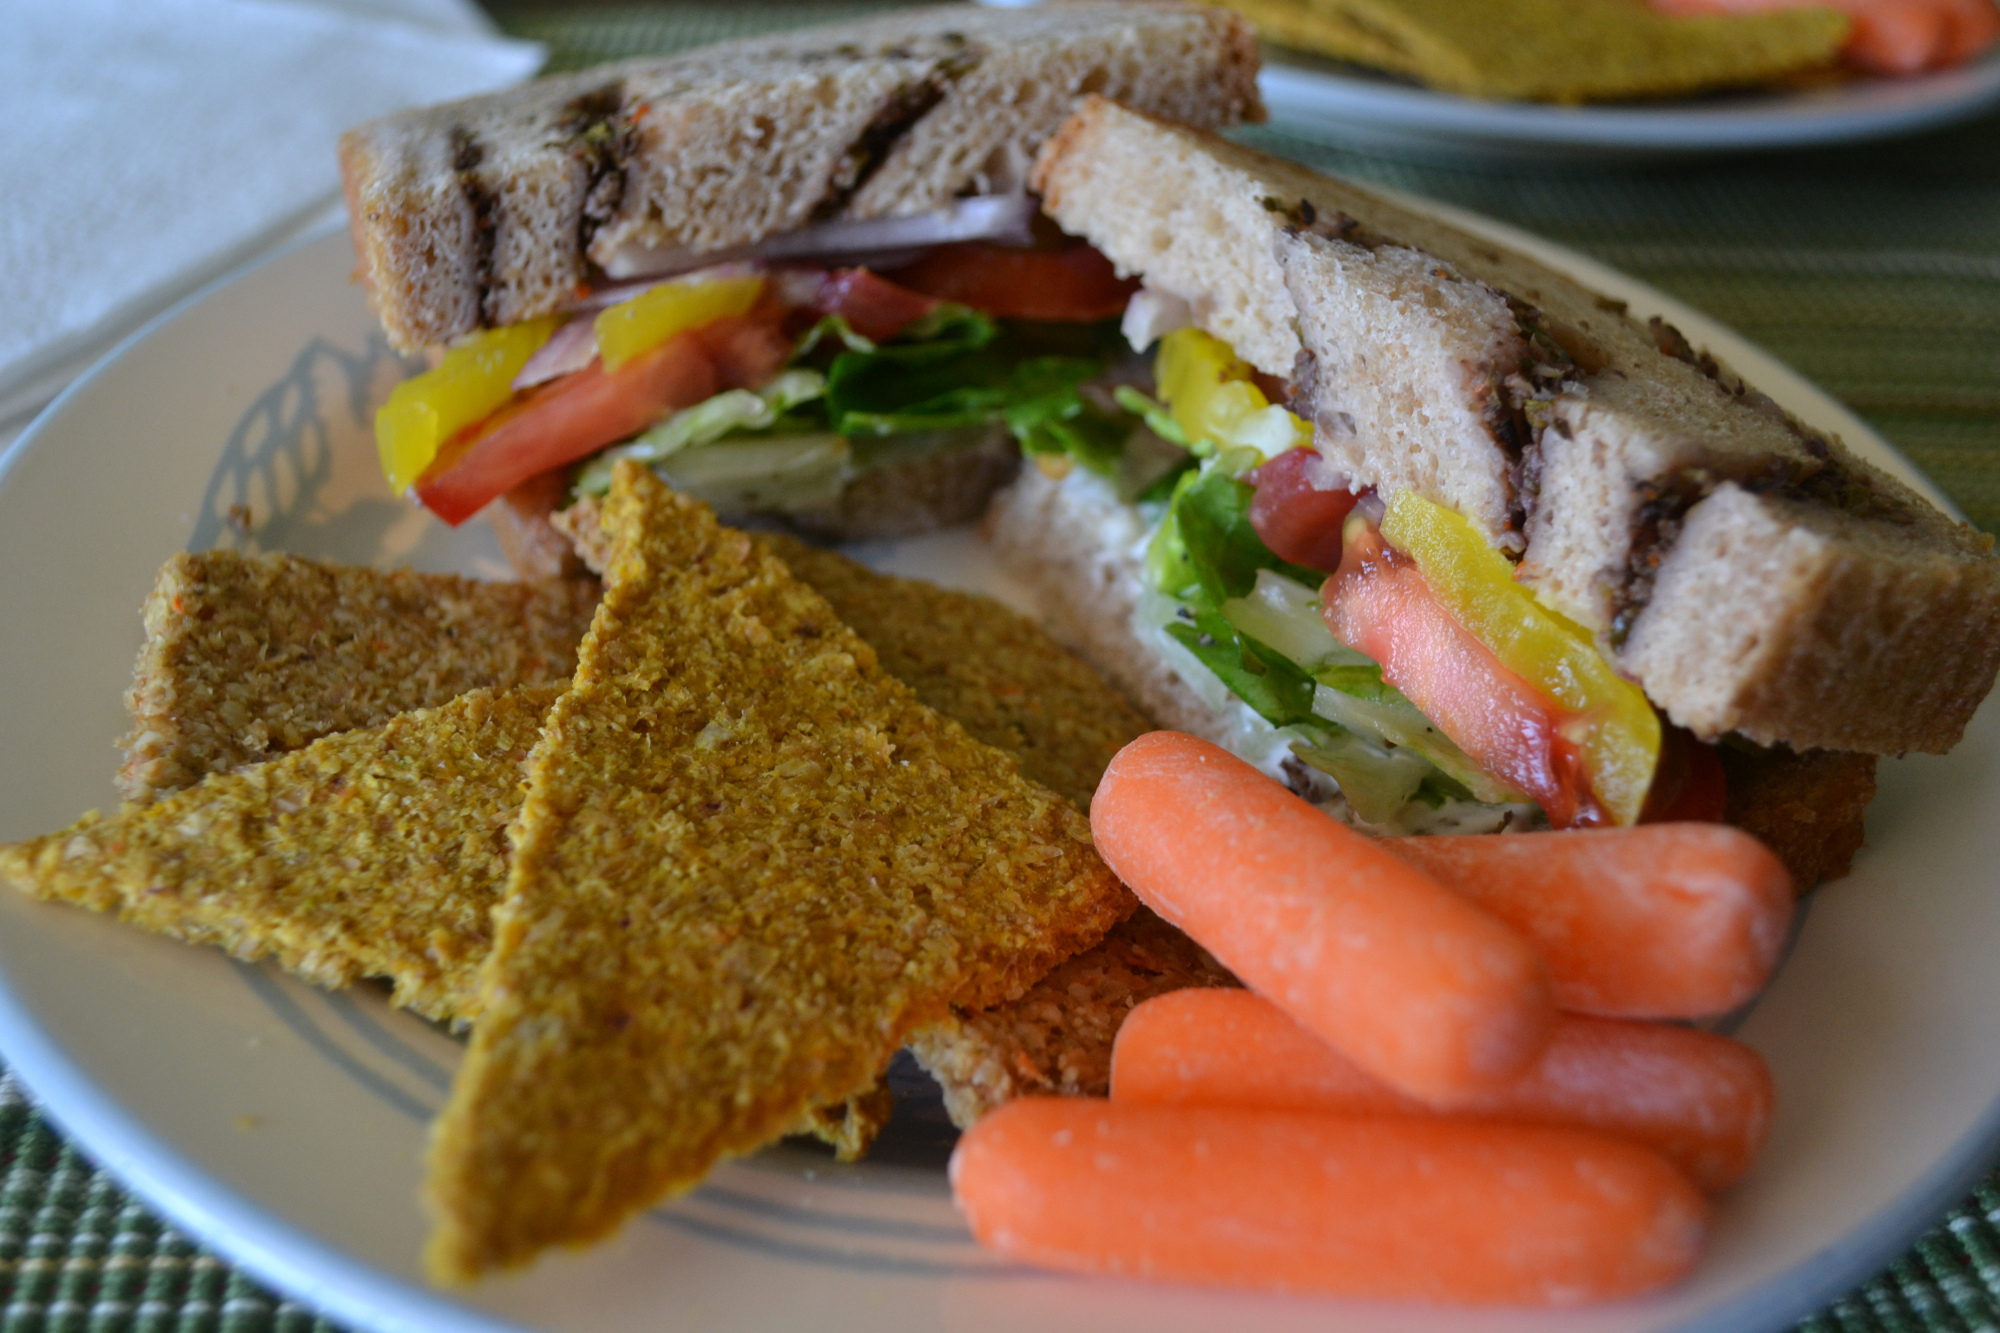 Vegan veggie sandwich